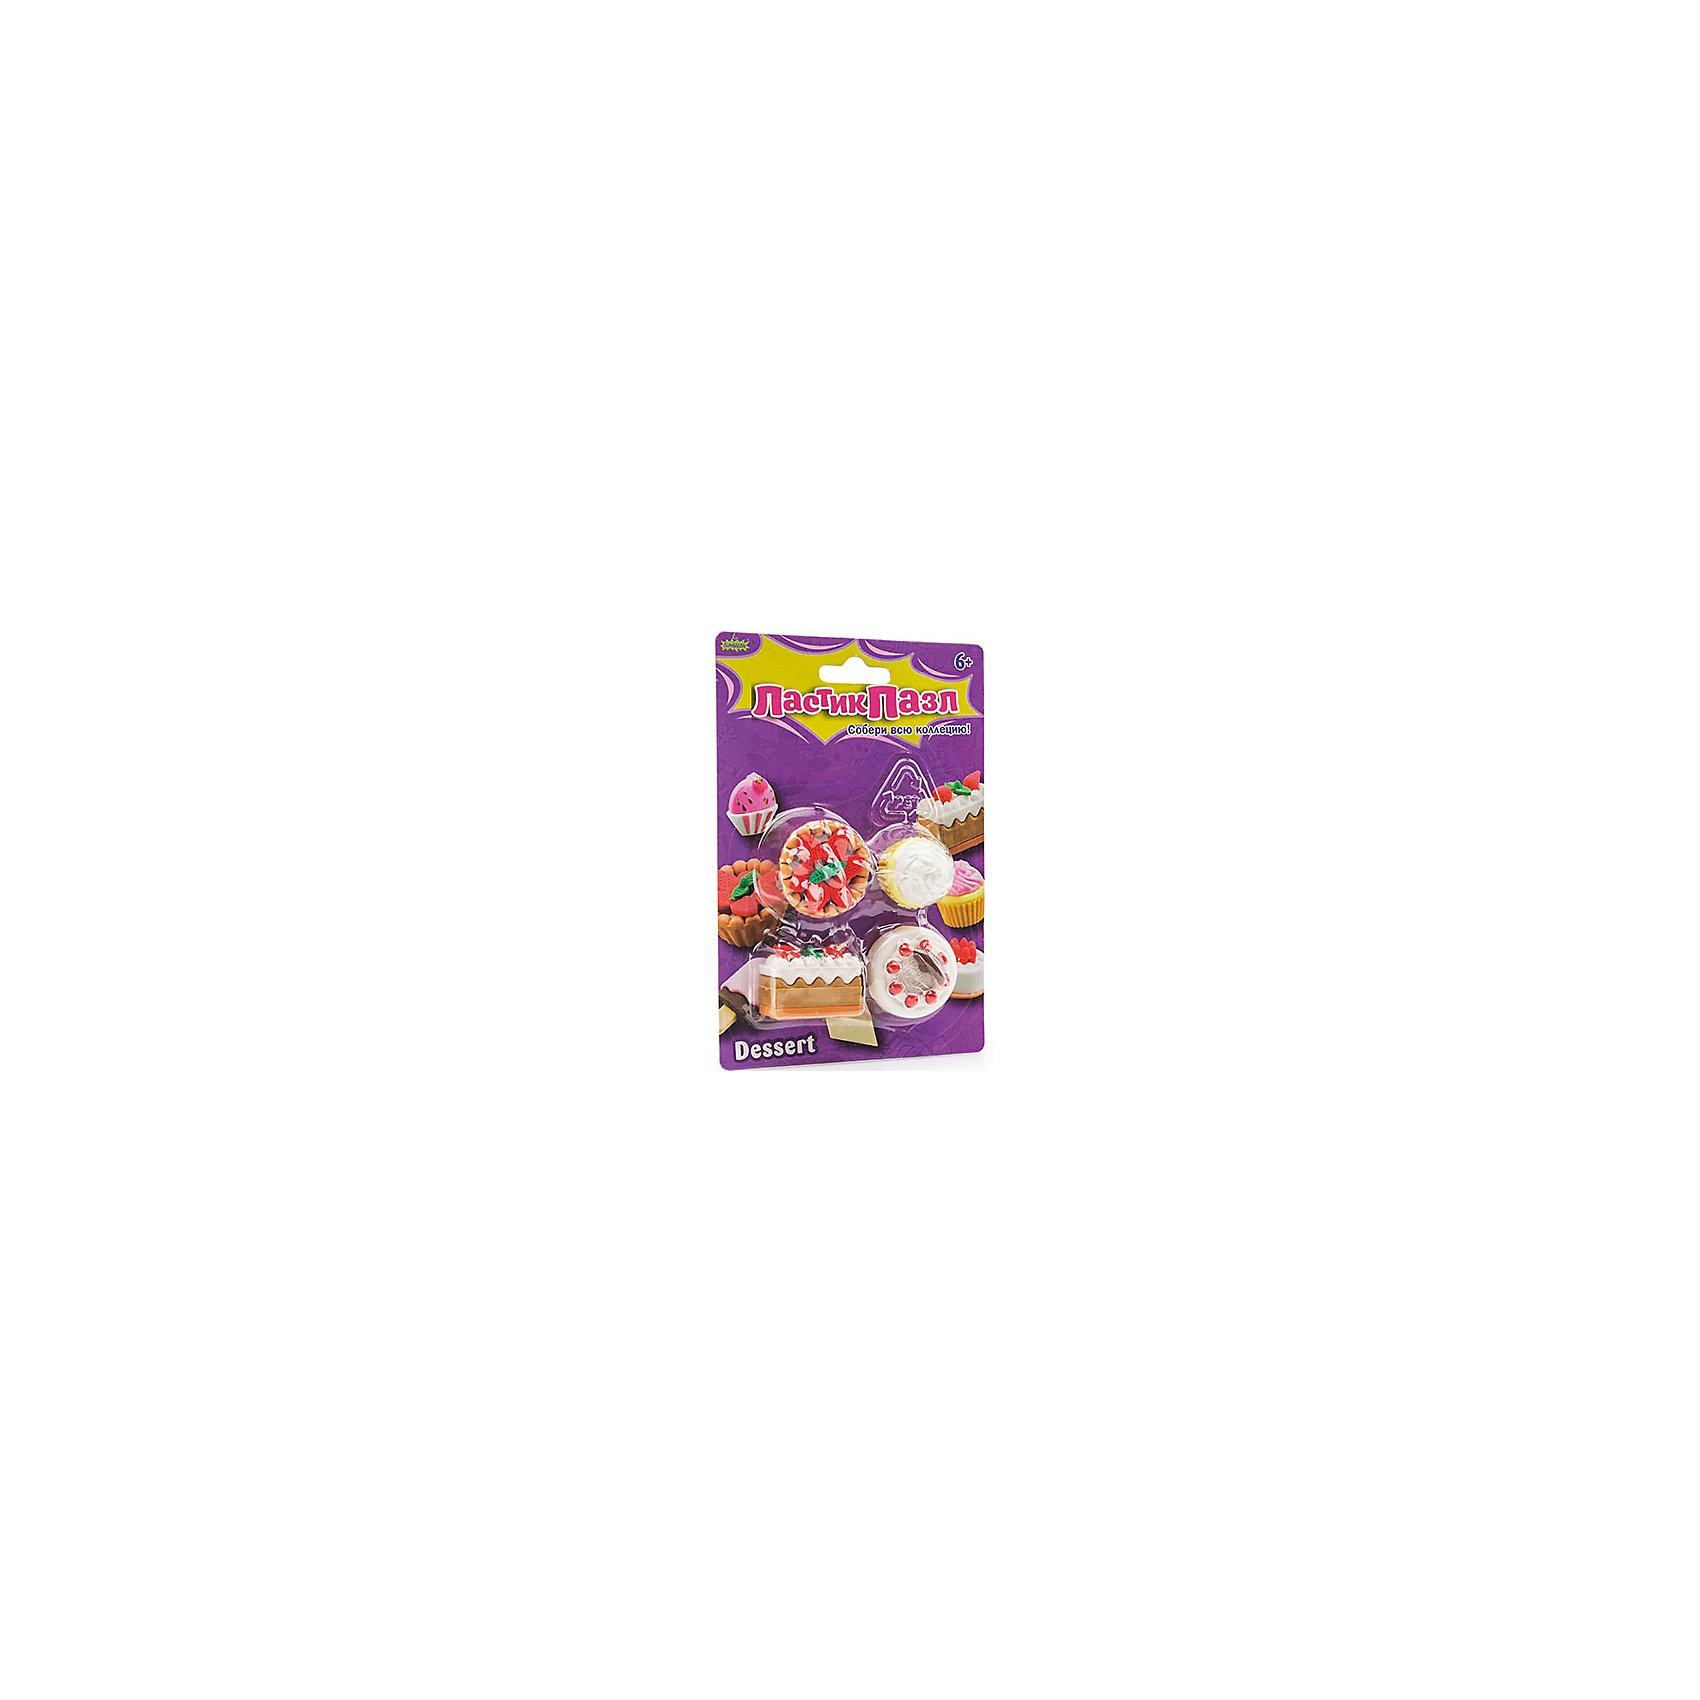 Набор Ластик-пазл - Тортики БумбарамЧертежные принадлежности<br>Набор Ластики-пазлы на блистере Тортики, Бумбарам.<br><br>Характеристики:<br><br>• качественный ластик<br>• каждый ластик состоит из нескольких пазлов<br>• развивает внимательность, усидчивость и мелкую моторику<br>• яркий дизайн<br>• материал: резина<br>• размер фигурок: 3-4 см<br>• размер упаковки: 13,5х9,5 см<br>• вес: 85 грамм<br><br>Если ваш ребенок любит торты, то набор Ластики-пазлы. Тортики обязательно понравится ему. В нем содержится 4 вида различных десертов, каждый из которых разбирается на части, чтобы ребенок смог снова собрать его. Это сможет развить мелкую моторику, внимательность и усидчивость. Такая увлекательная игра понравится юным любителям головоломок!<br><br>Вы можете купить набор Ластики-пазлы на блистере Тортики, Бумбарам в нашем интернет-магазине.<br><br>Ширина мм: 135<br>Глубина мм: 95<br>Высота мм: 50<br>Вес г: 85<br>Возраст от месяцев: 72<br>Возраст до месяцев: 144<br>Пол: Женский<br>Возраст: Детский<br>SKU: 5054006